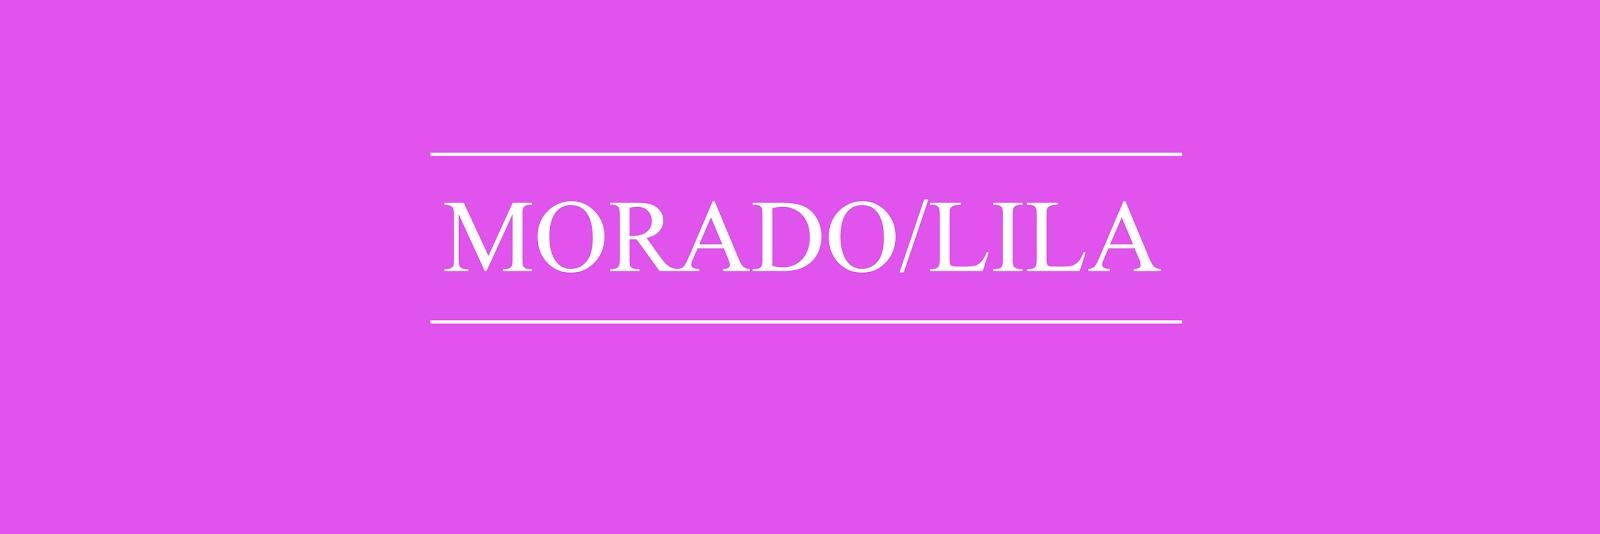 Teor a del color ii lila decoraci n patri blanco - Cual es el color anil ...